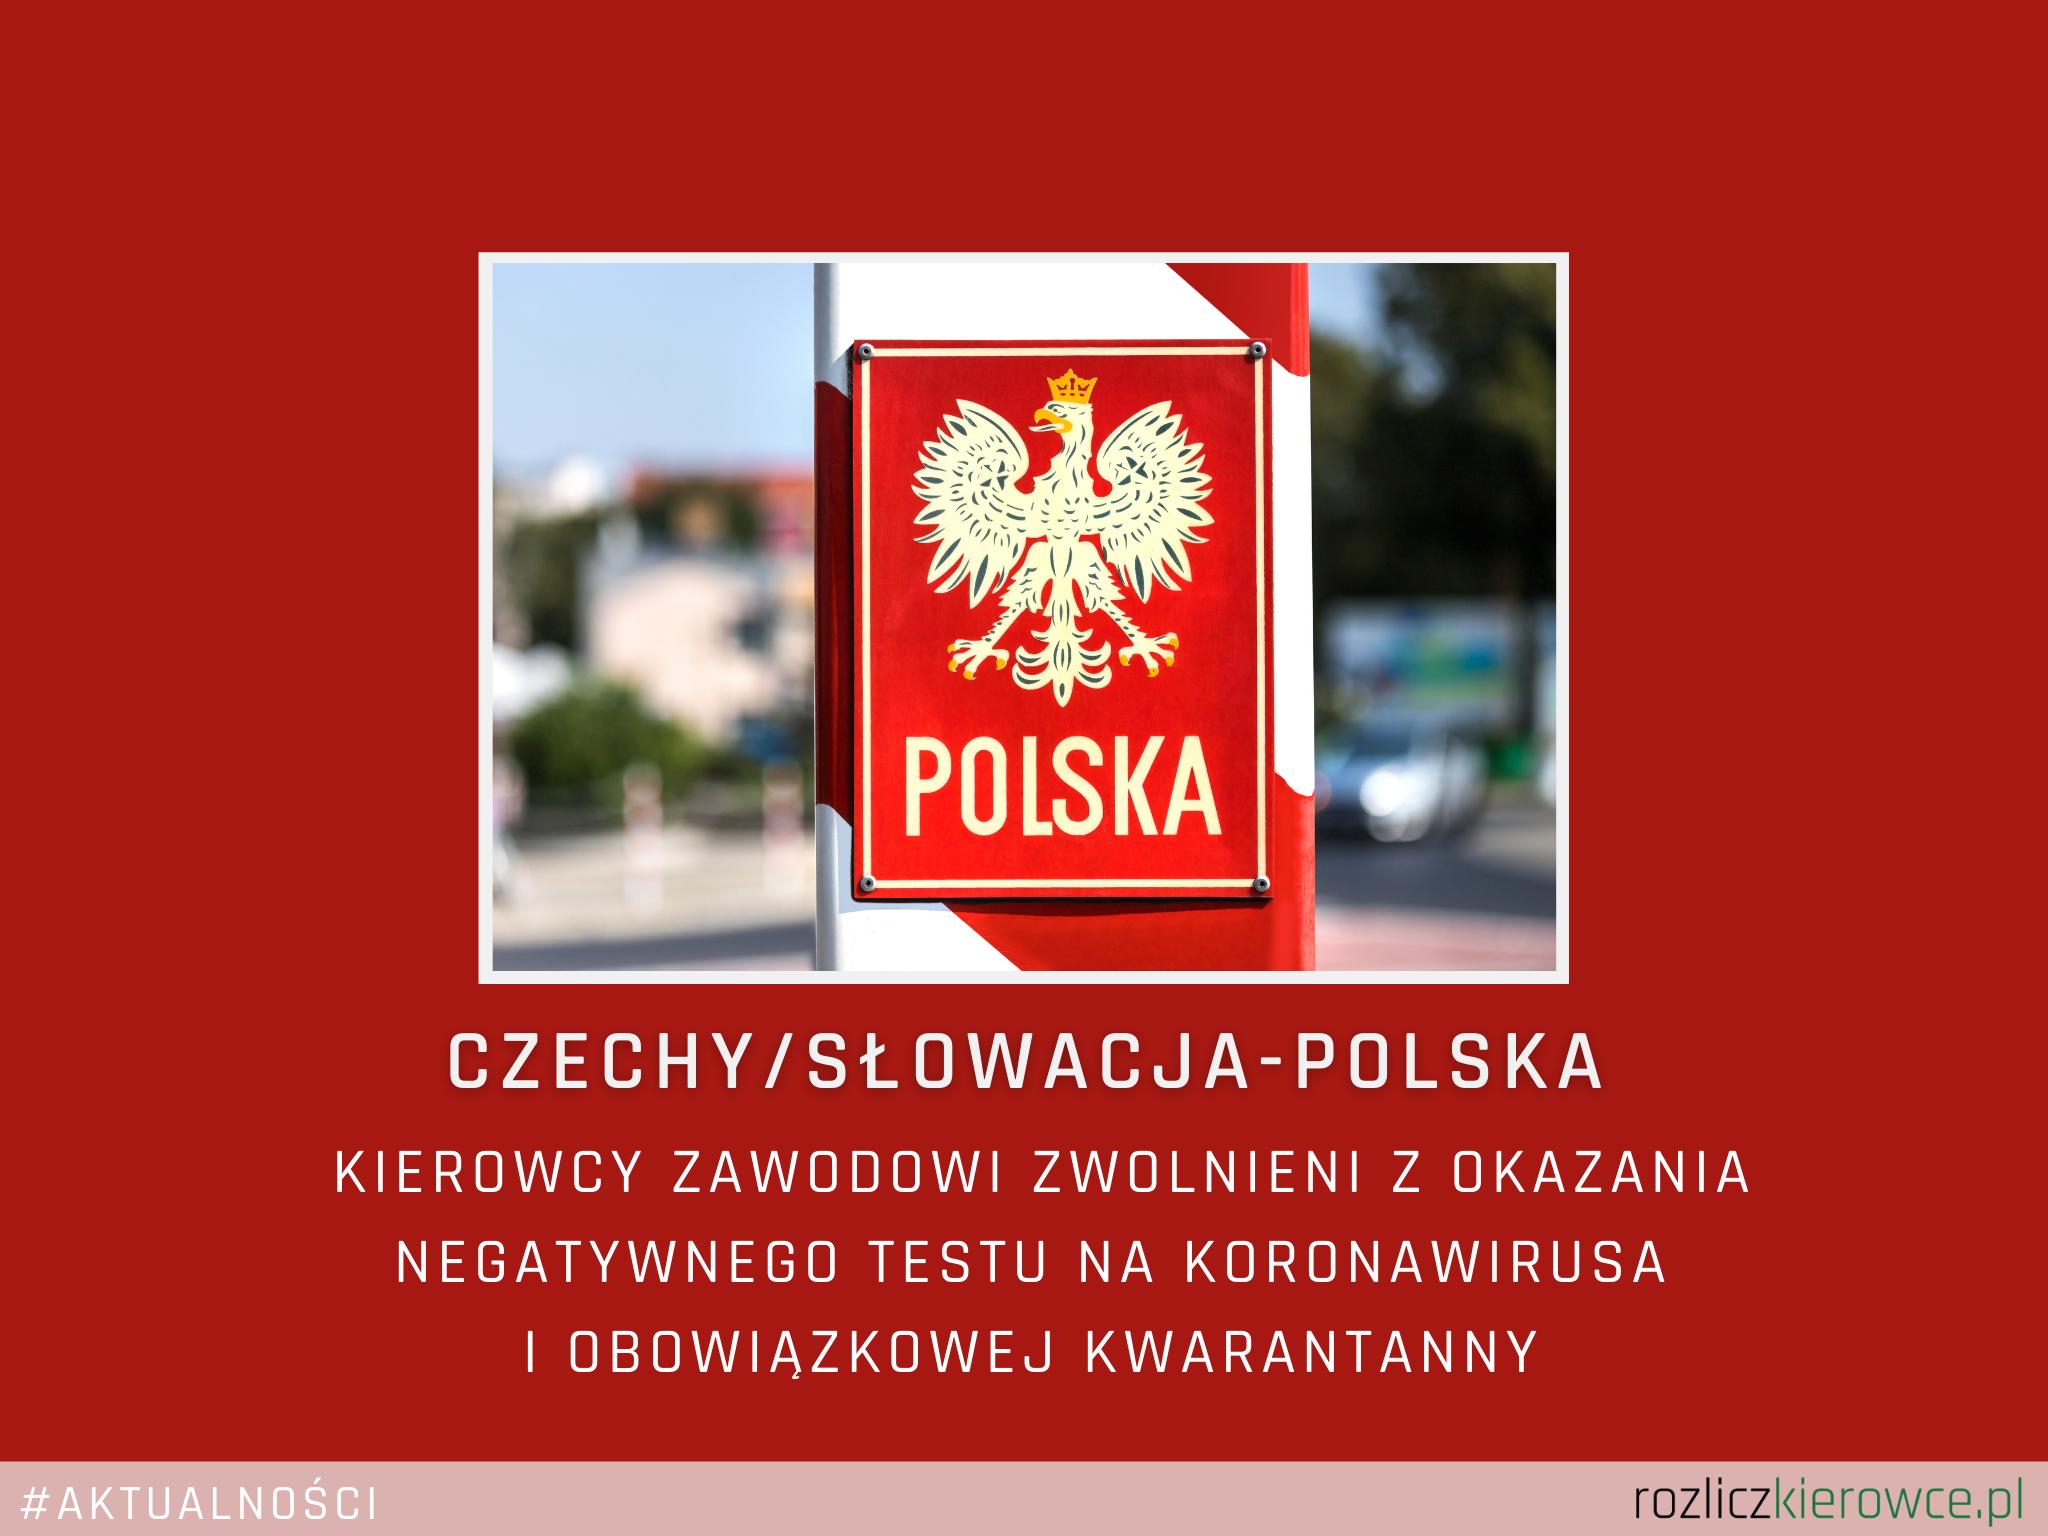 🚛 Czechy/Słowacja-Polska-Kierowcy zawodowi zwolnieni z okazania negatywnego testu na koronawirusa oraz obowiązkowej kwarantanny.